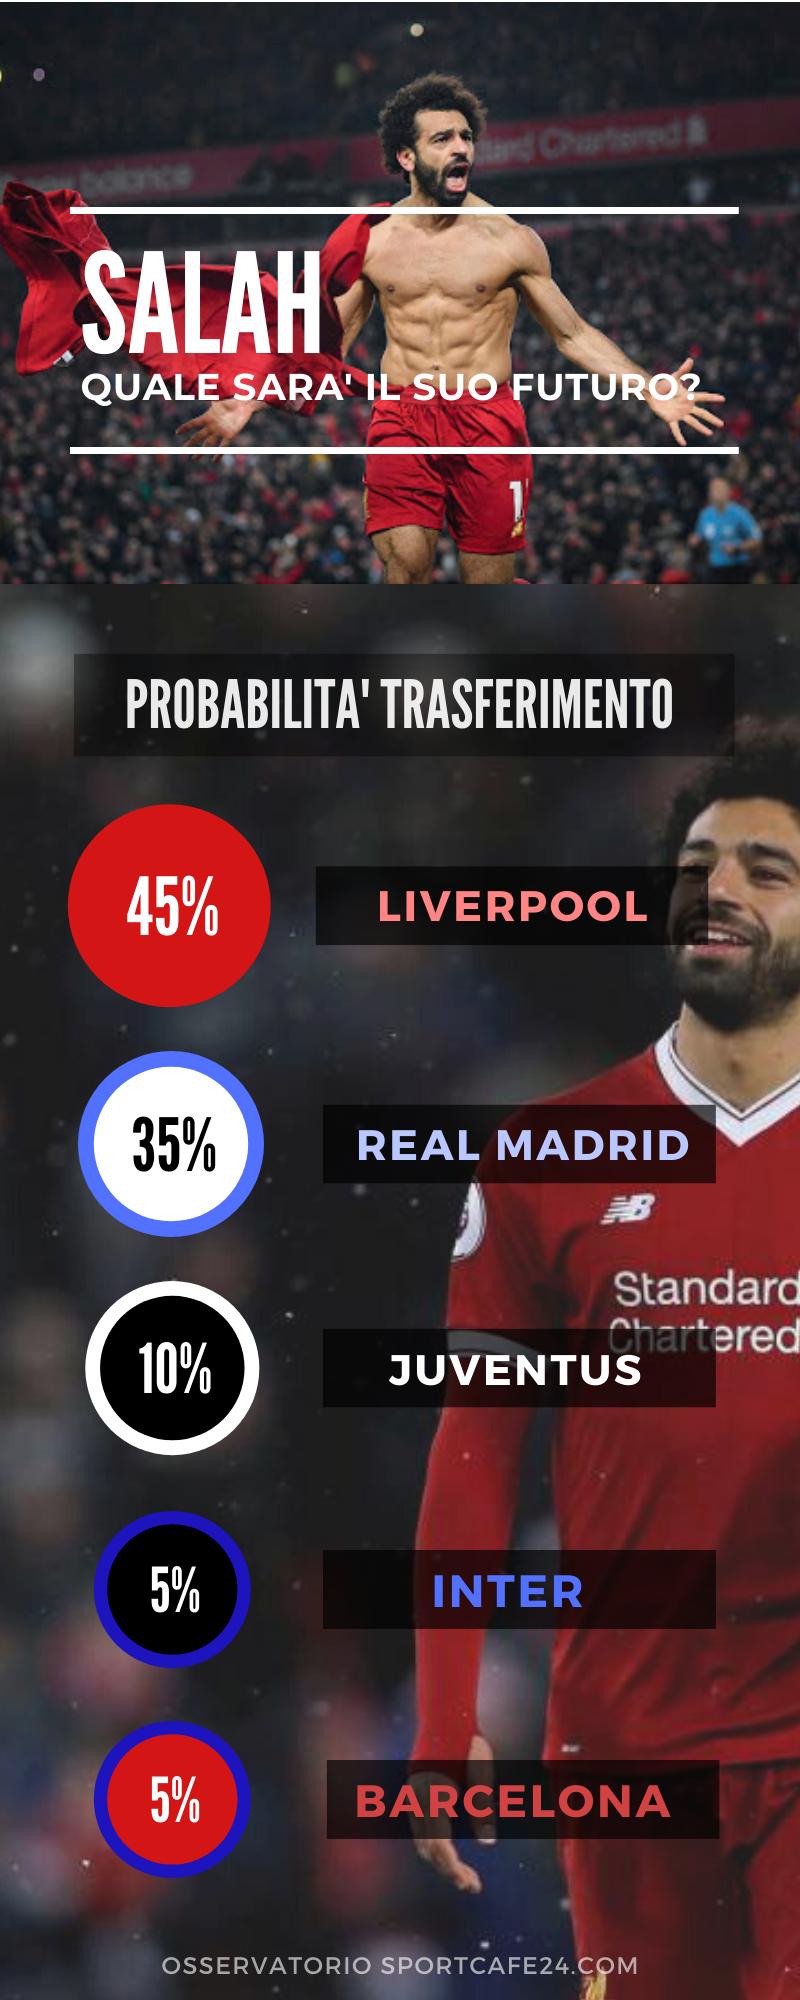 Salah Juventus: i bianconeri nella lista delle possibile destinazioni